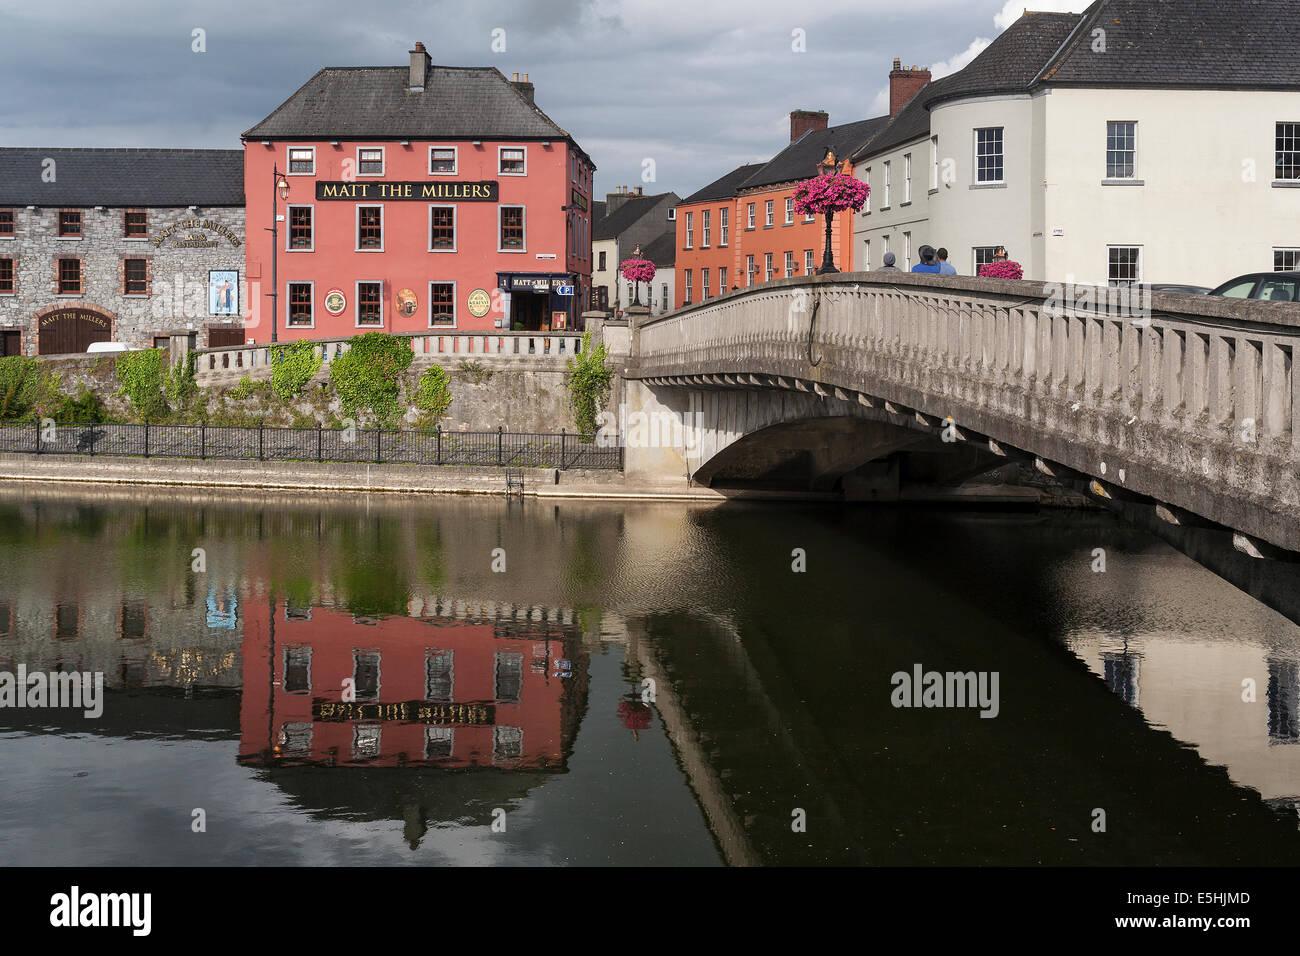 Ireland, County Kilkenny, Kilkenny, River Nore, Matt the Miller inn & bridge - Stock Image